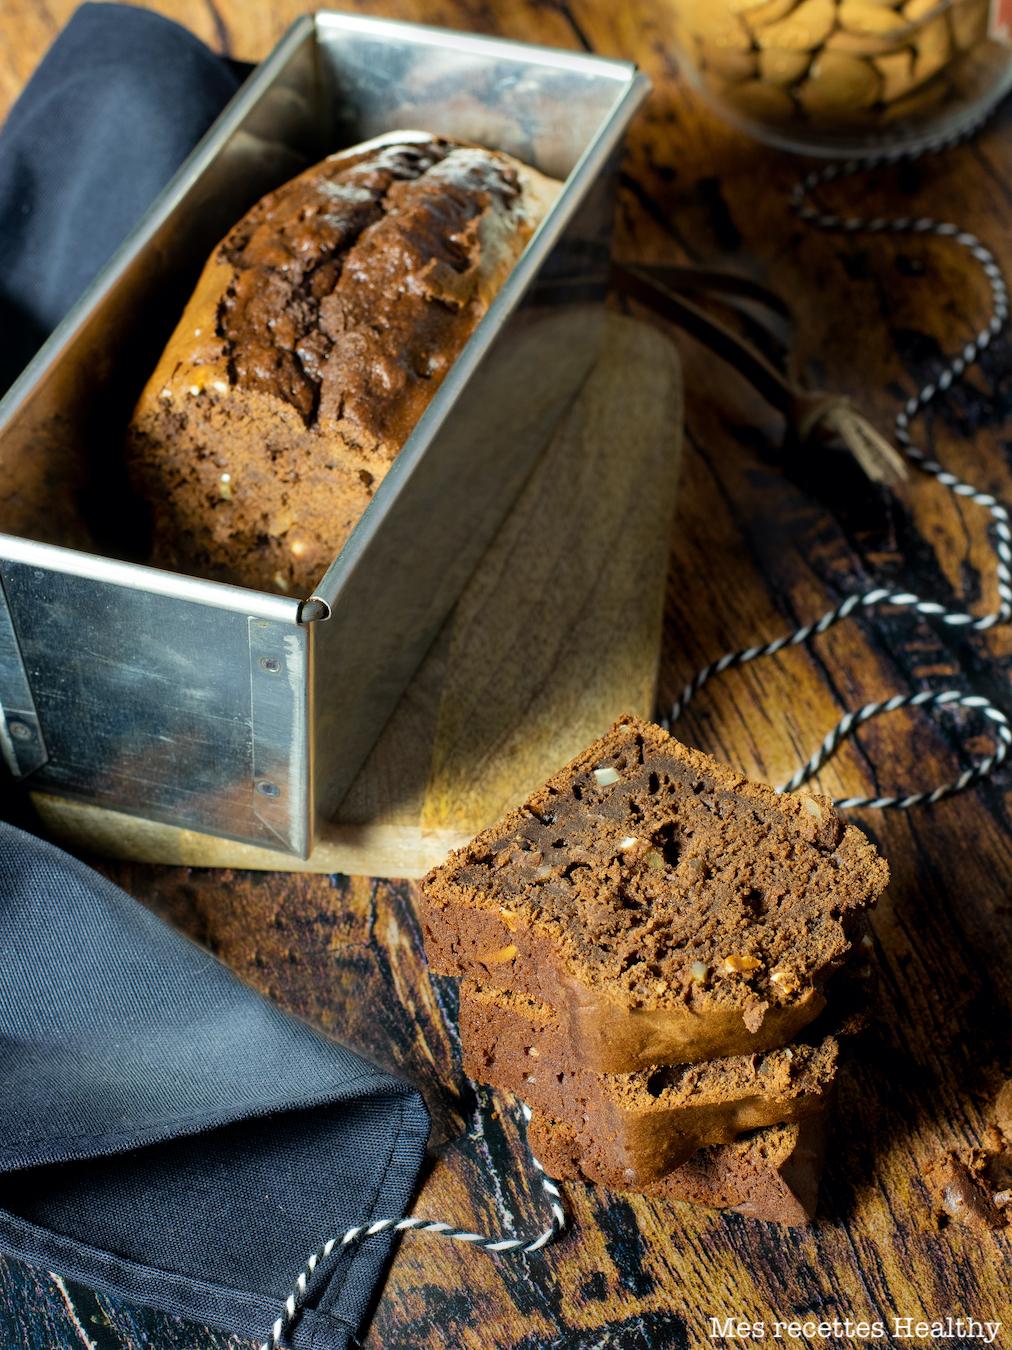 recette healthy-gateau au chocolat-mascarpone-amande